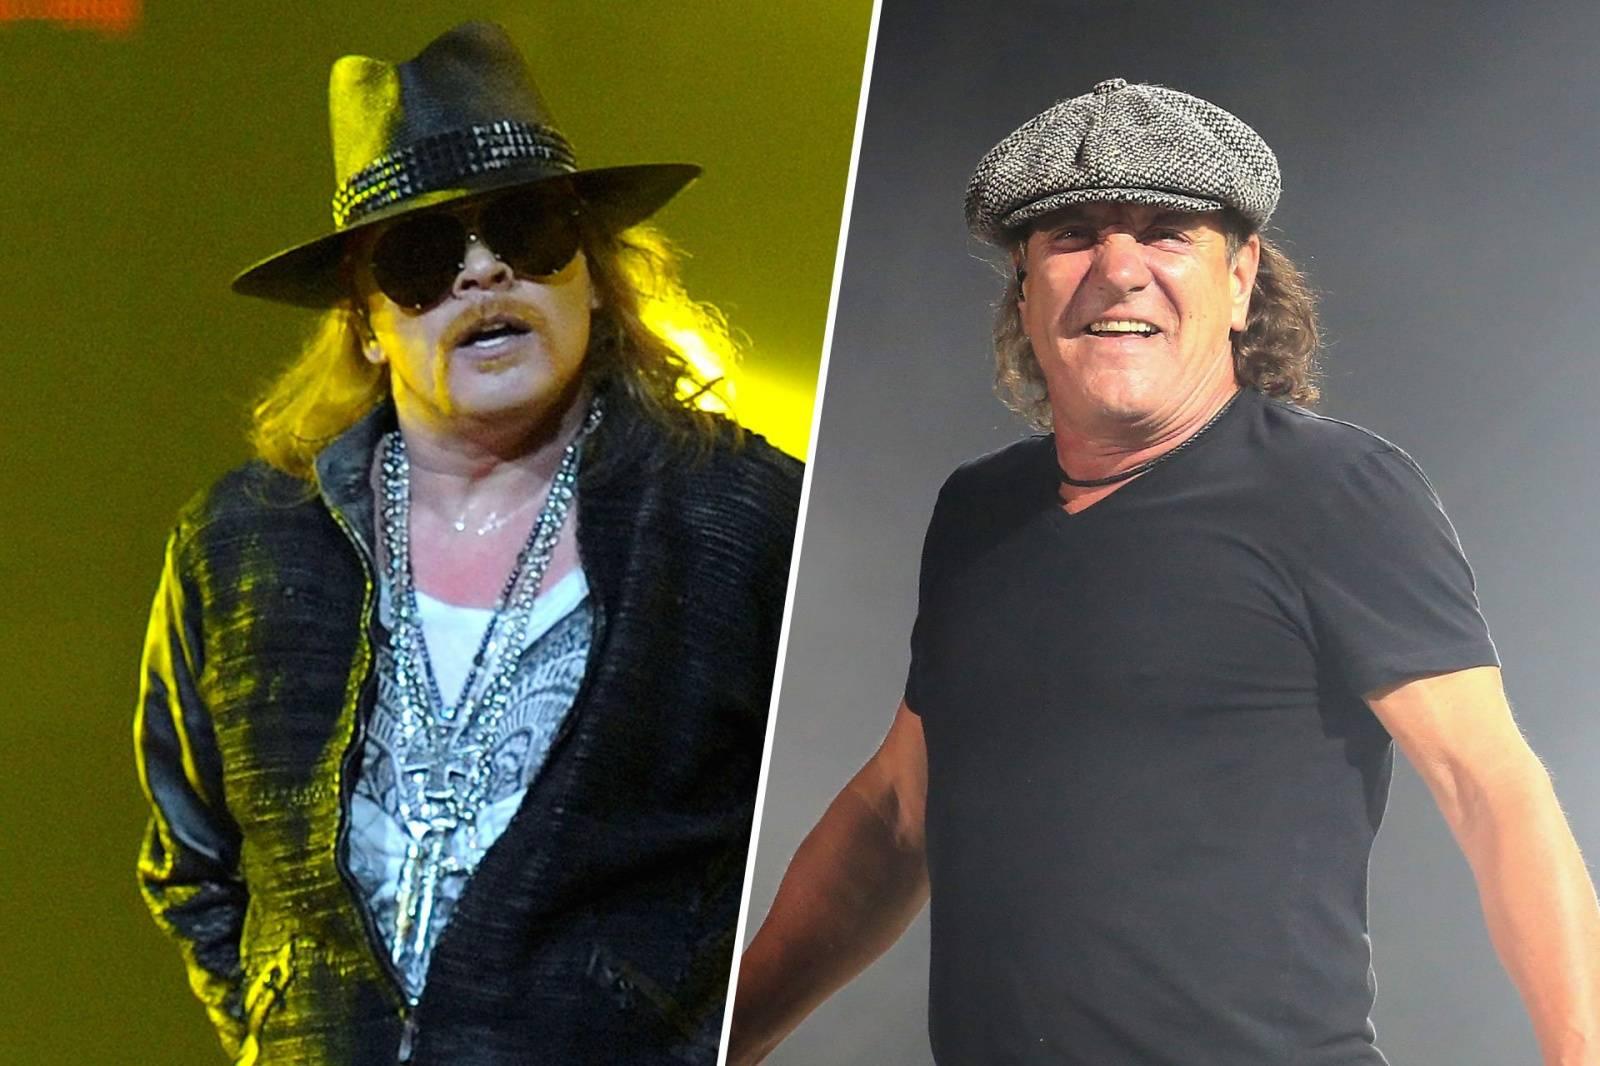 AC/DC nejsou první ani poslední: TOP 6 největších výměn zpěváků v rockové historii